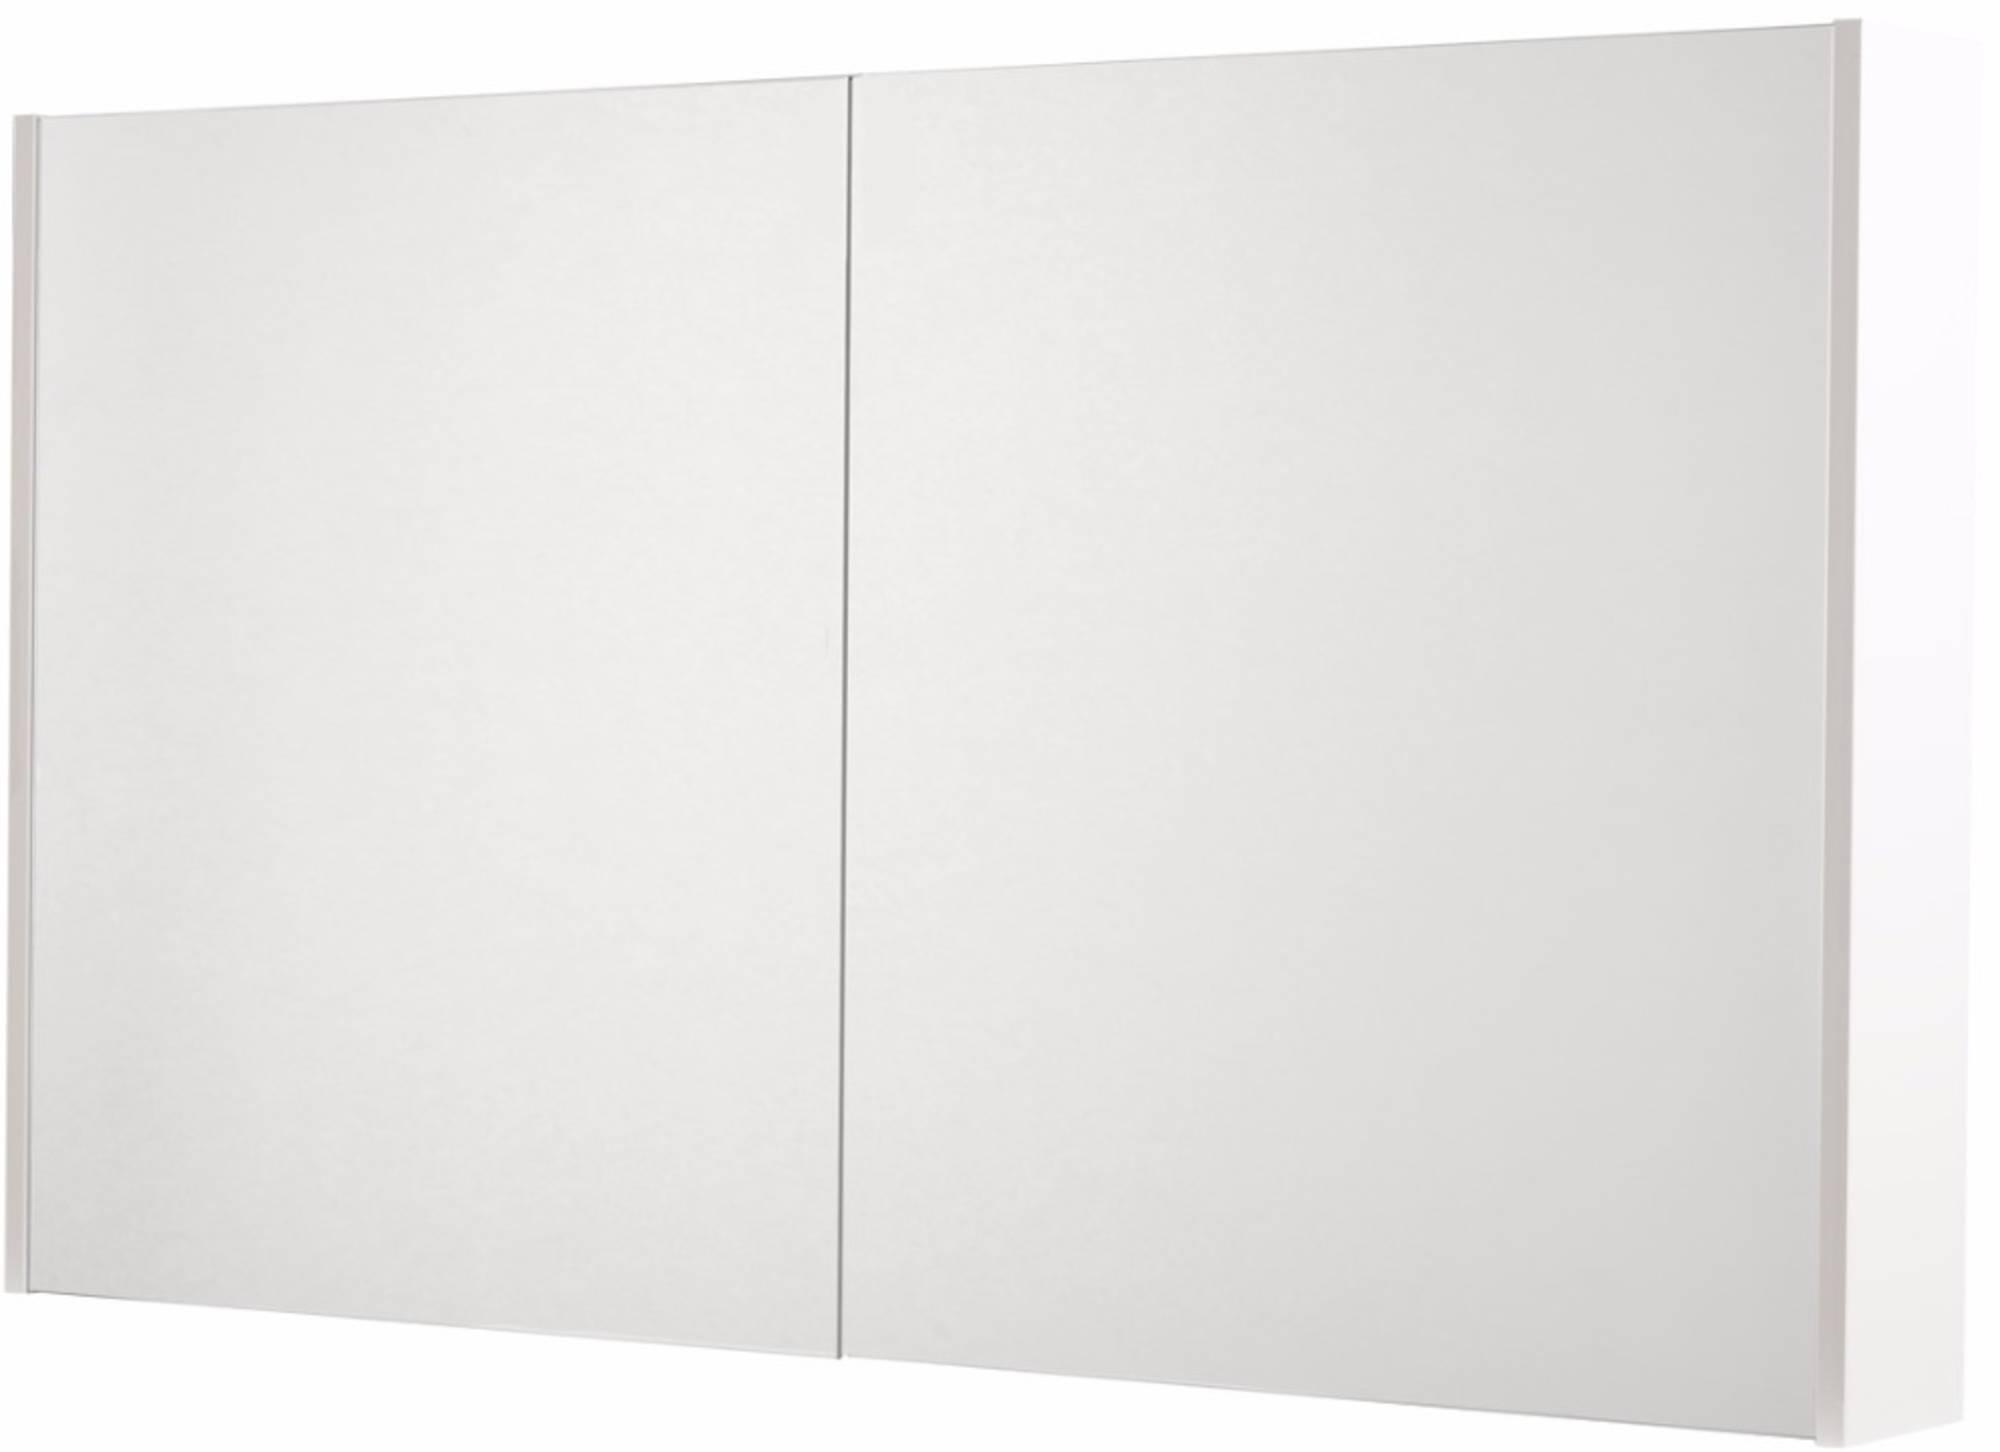 Saniselect Socan Spiegelkast 2 deuren 120cm Mat Wit